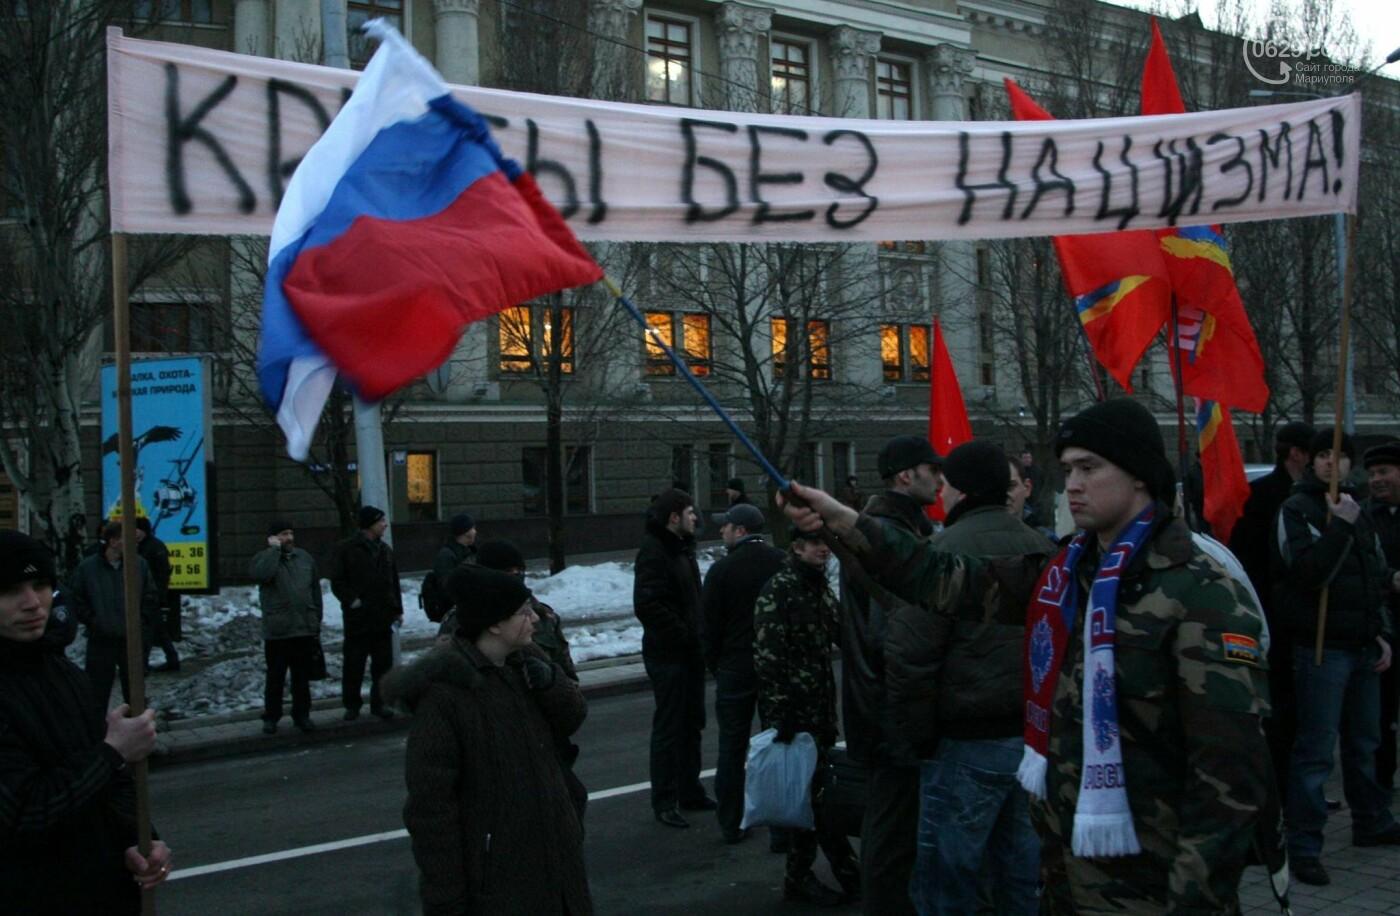 """Драки и сожжённые флаги. Как боролись с """"Донецкой республикой"""" 12 лет назад,  - ФОТО, фото-3"""